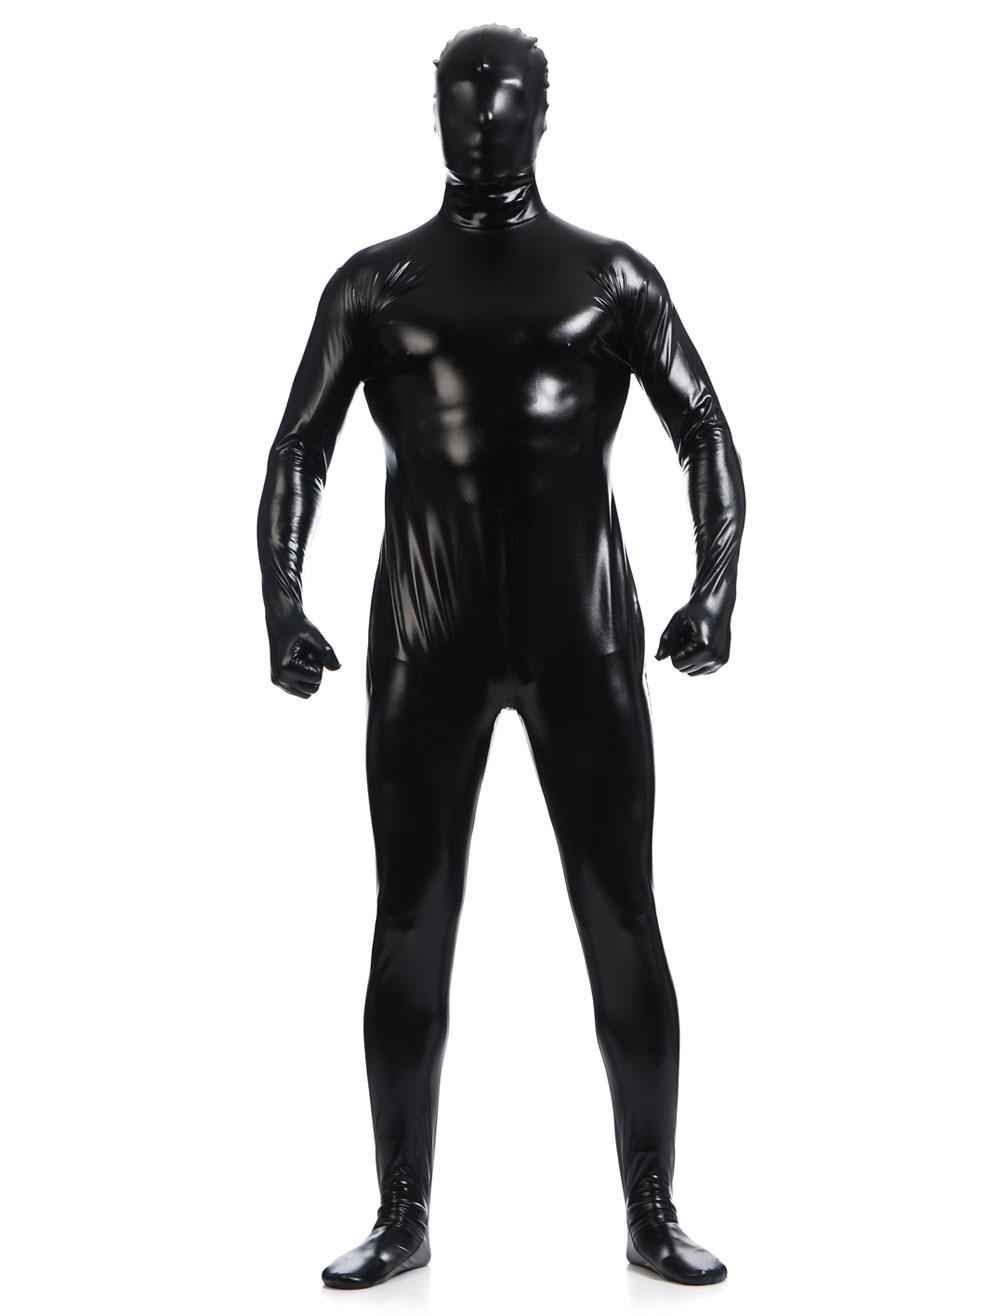 Black Shiny Metallic Zentai Suits for Men Halloween